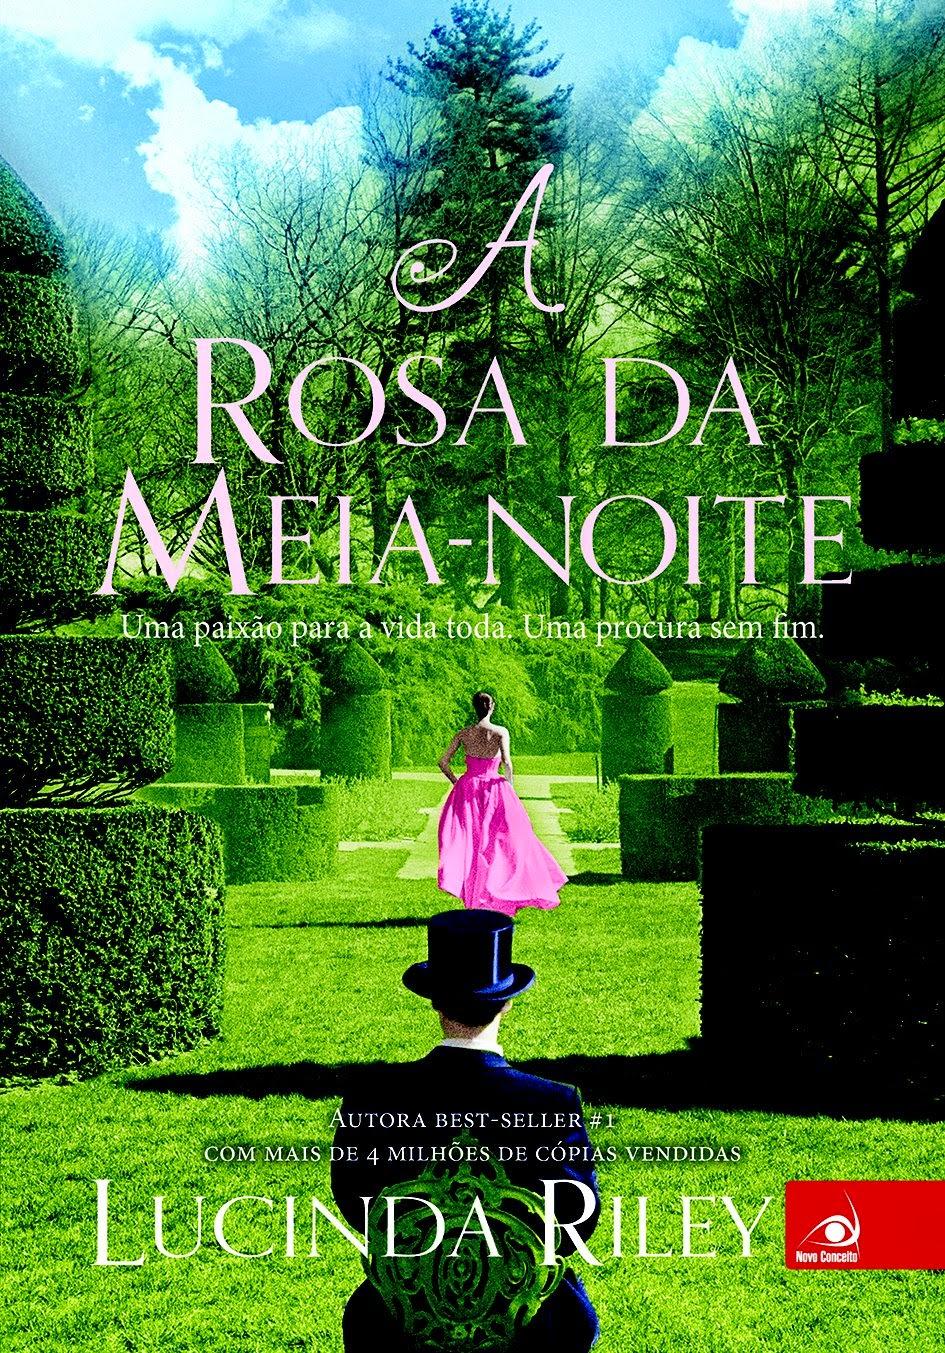 http://www.skoob.com.br/livro/376946-a-rosa-da-meia-noite